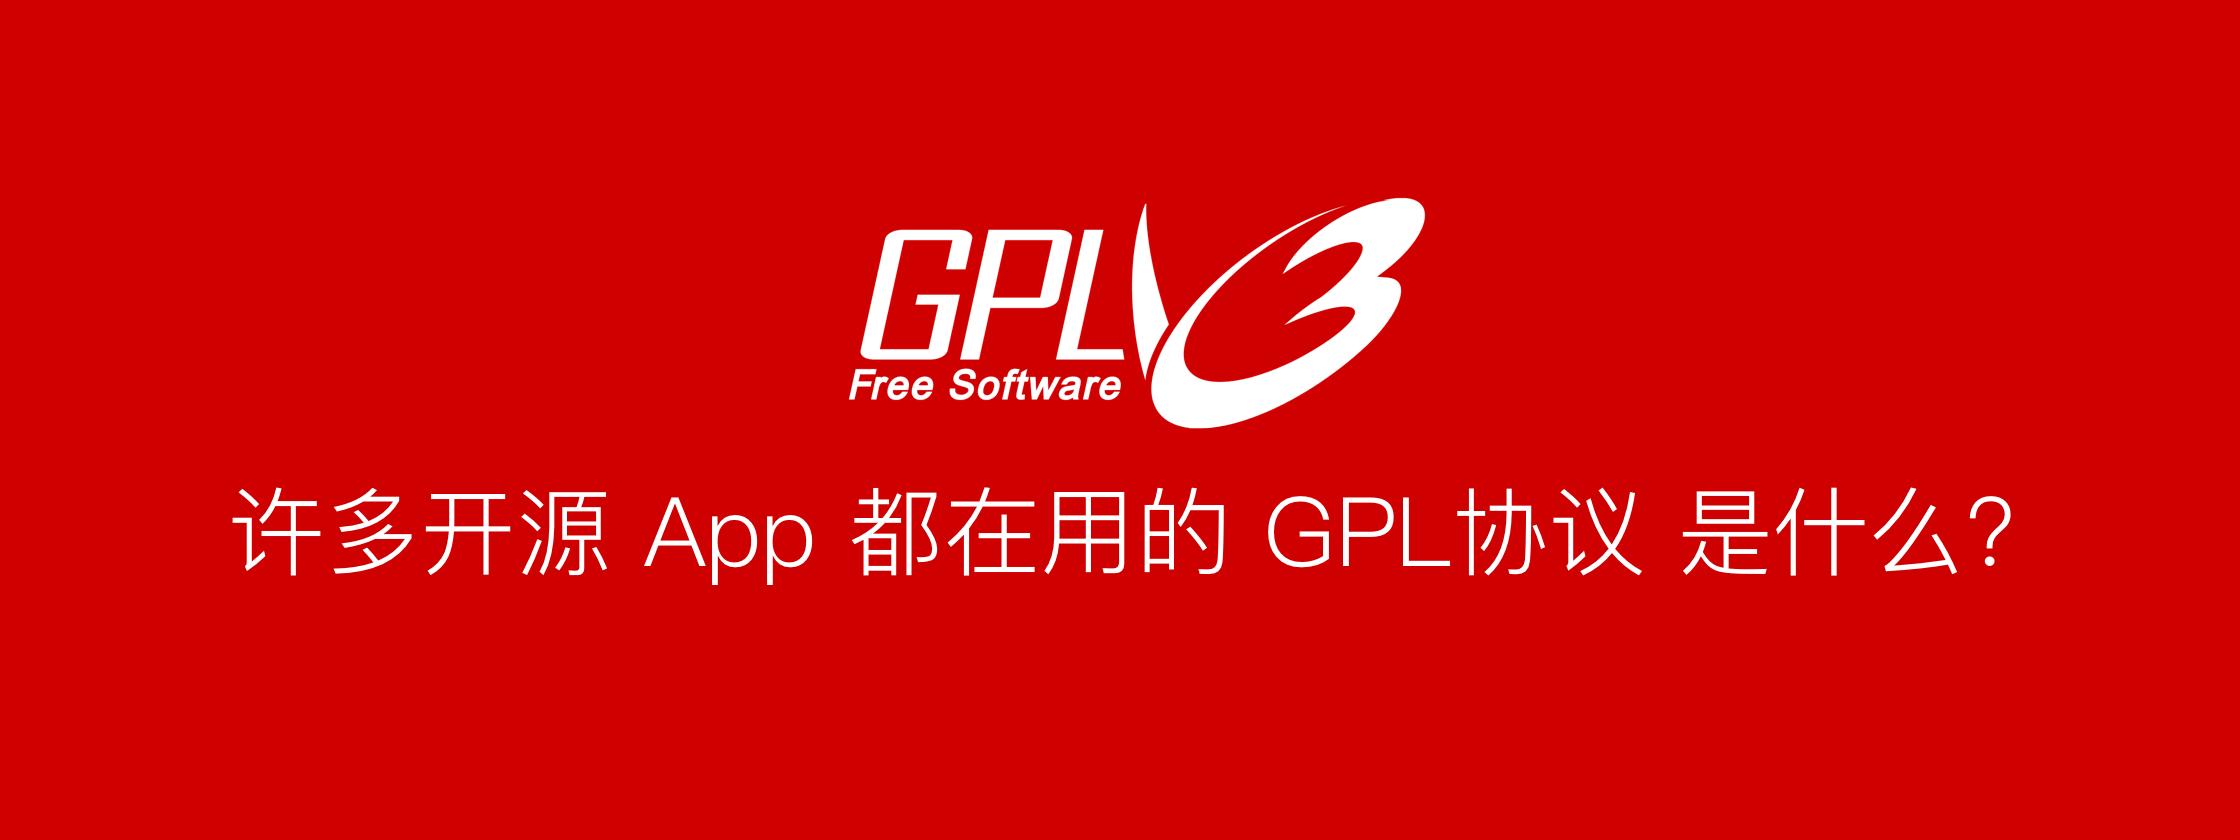 许多开源 App 都在用的 GPL 协议是什么